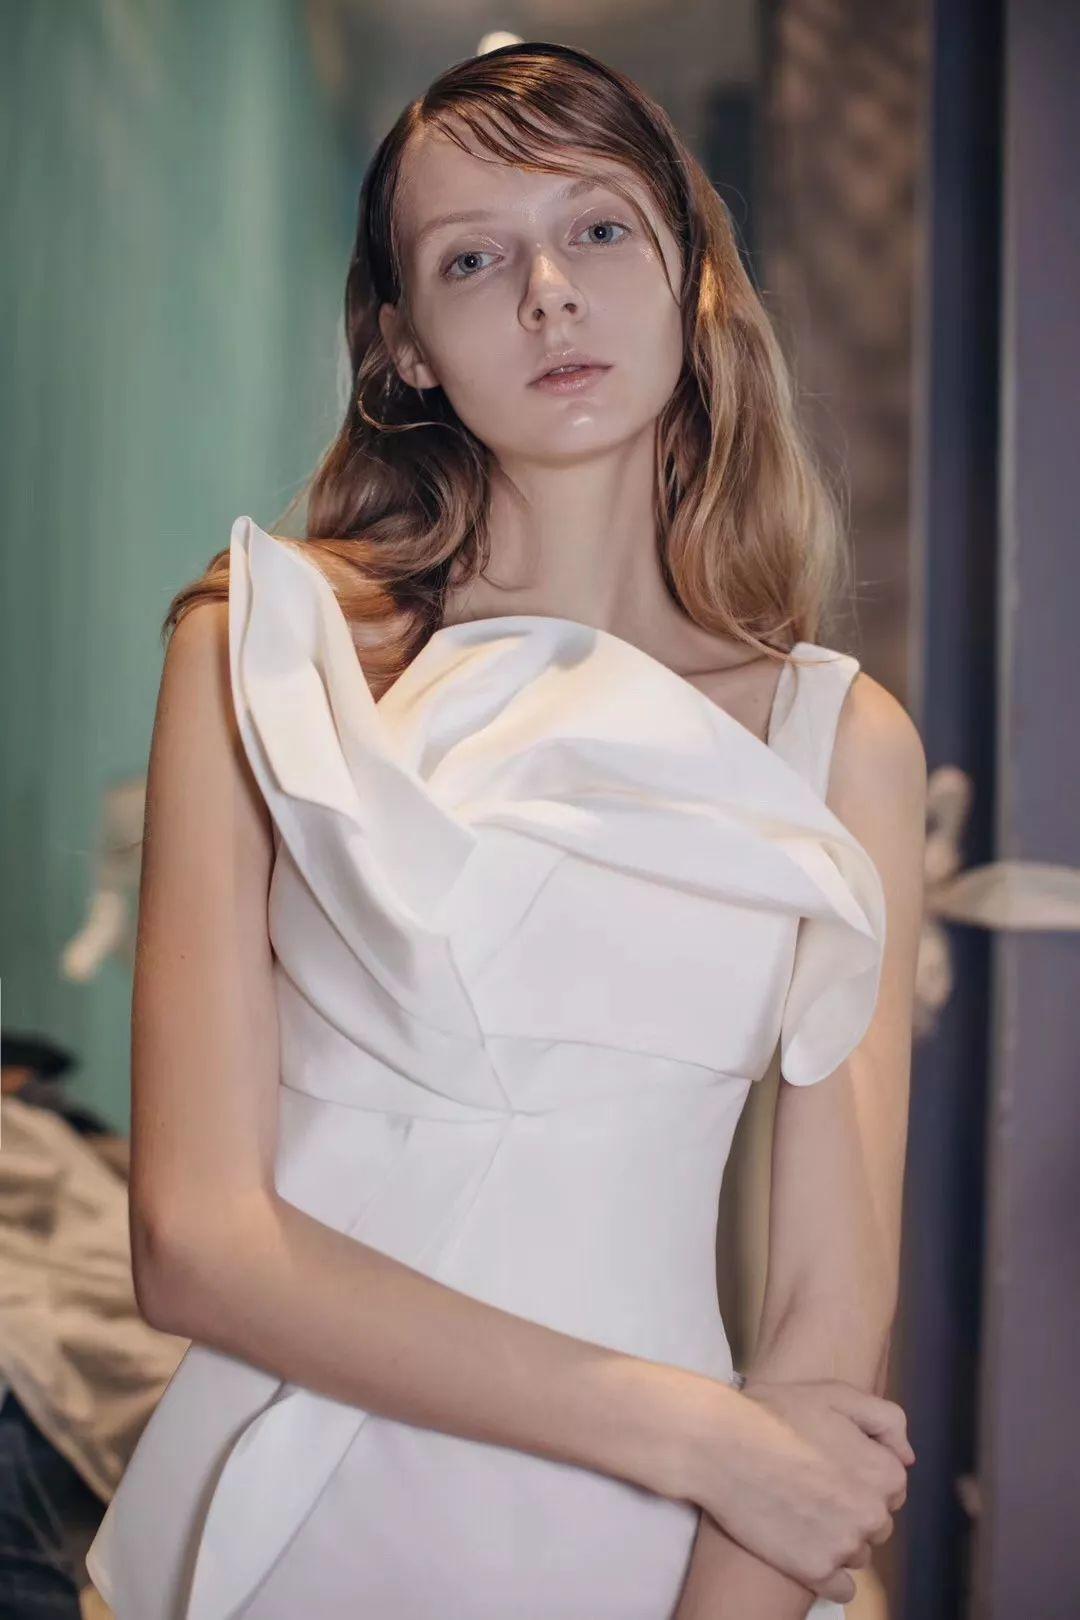 膨胀的仙女迪丽热巴,如今都敢穿婚纱出门了?